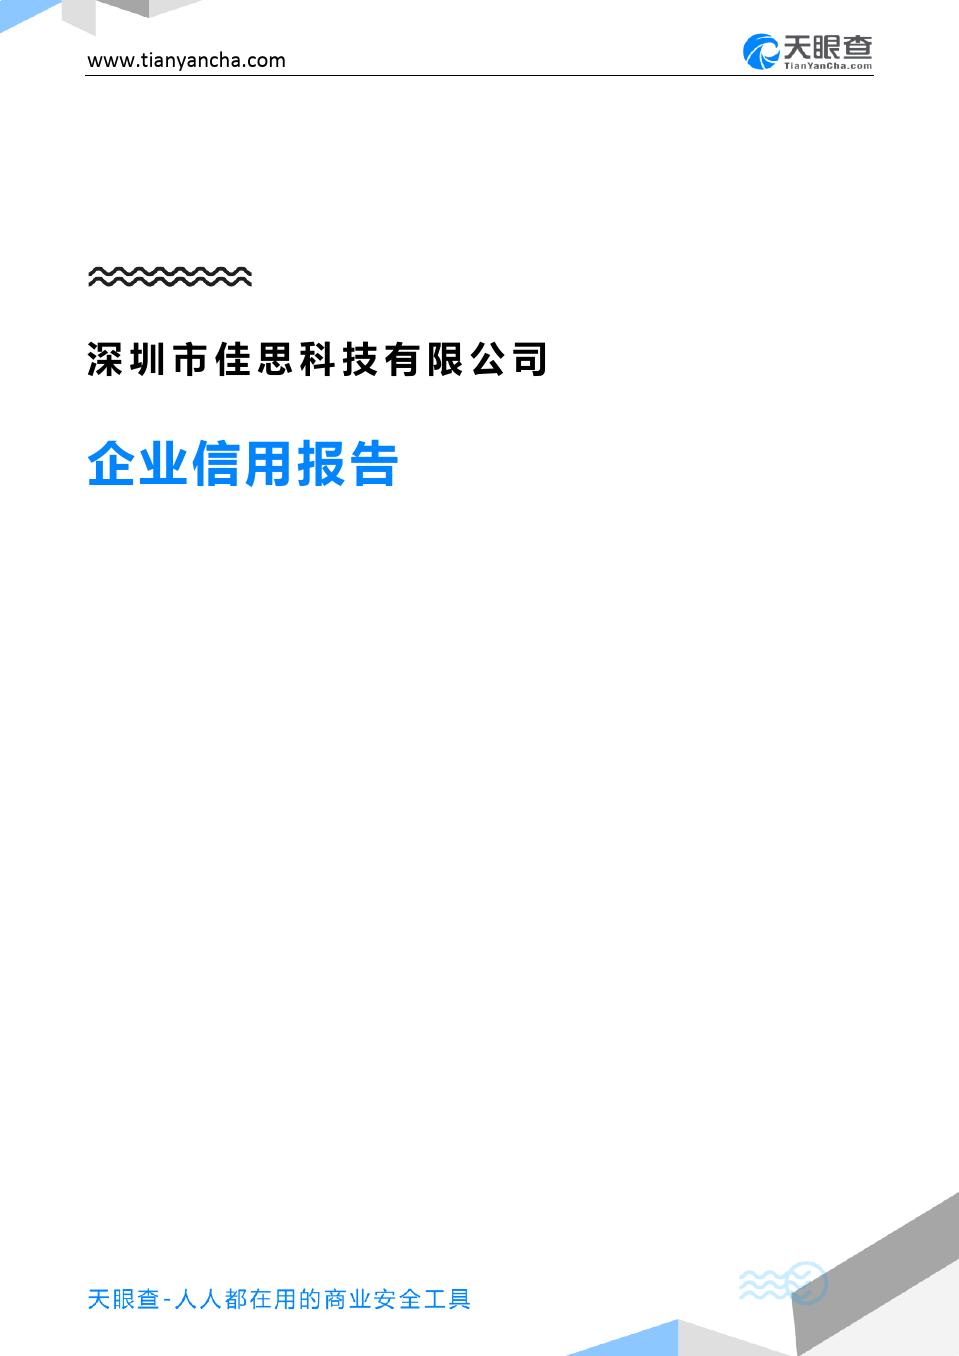 深圳市佳思科技有限公司(企业信用报告)- 天眼查